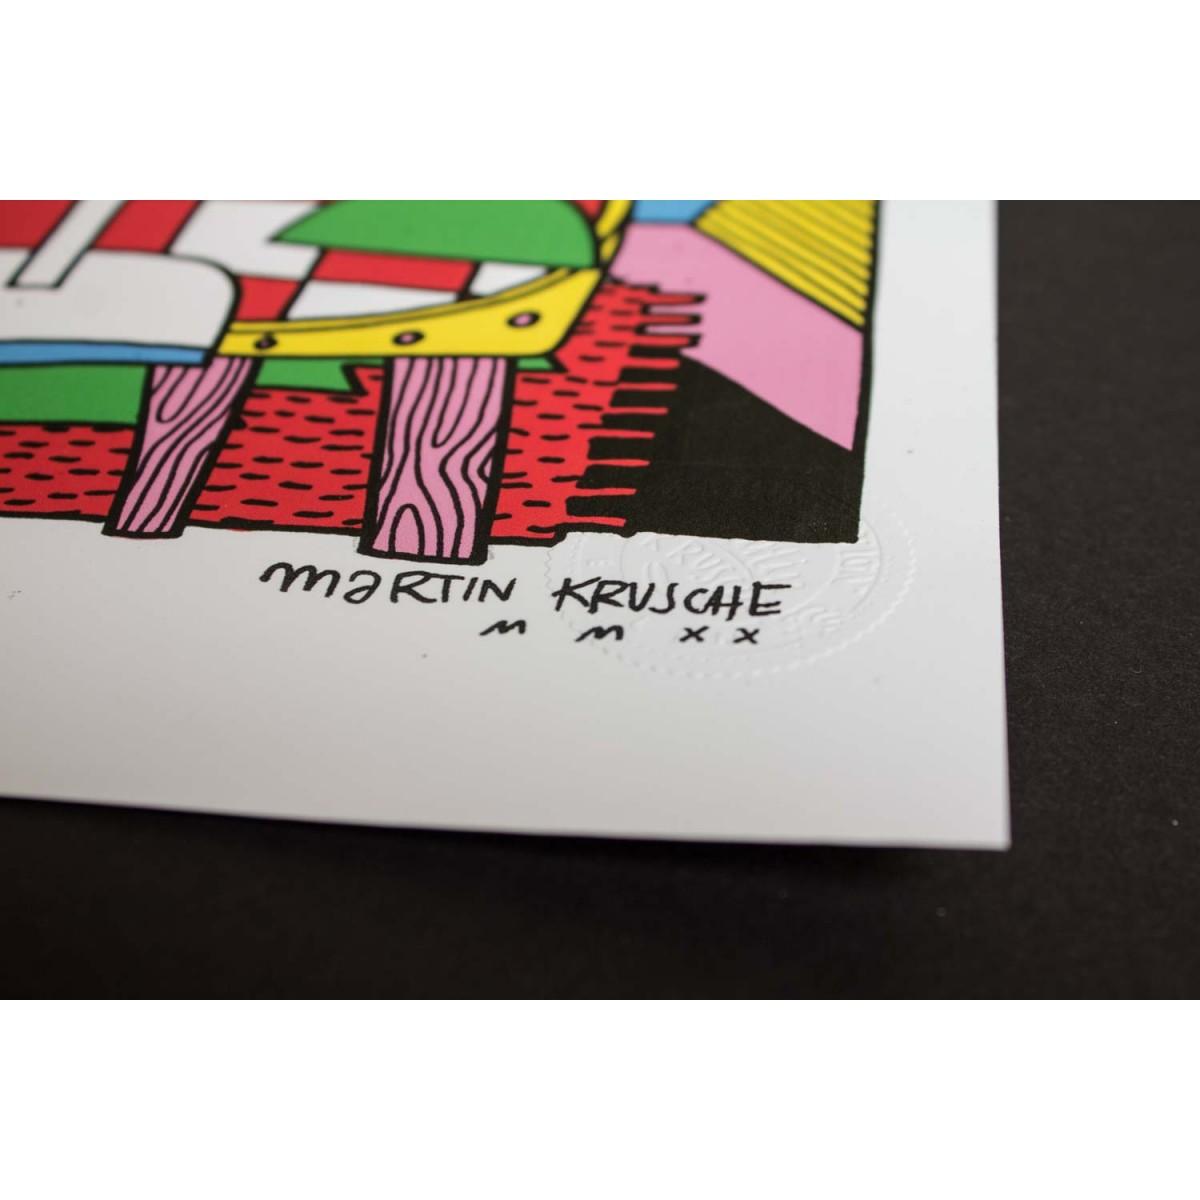 Martin Krusche - Poster »Dimension5« 50x70cm